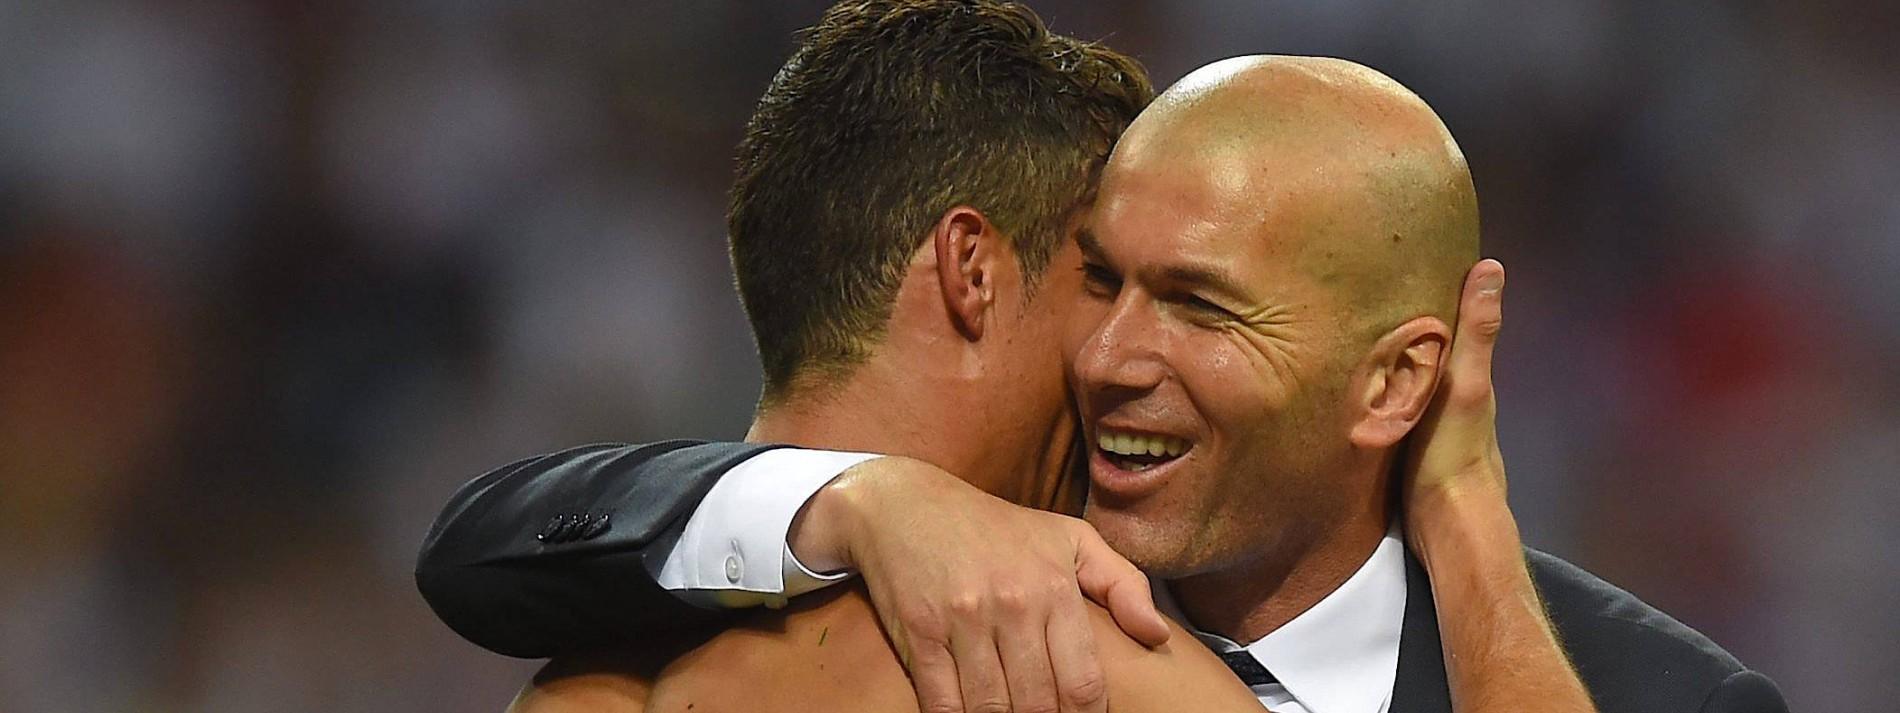 Darum verlässt Zidane Real Madrid so plötzlich